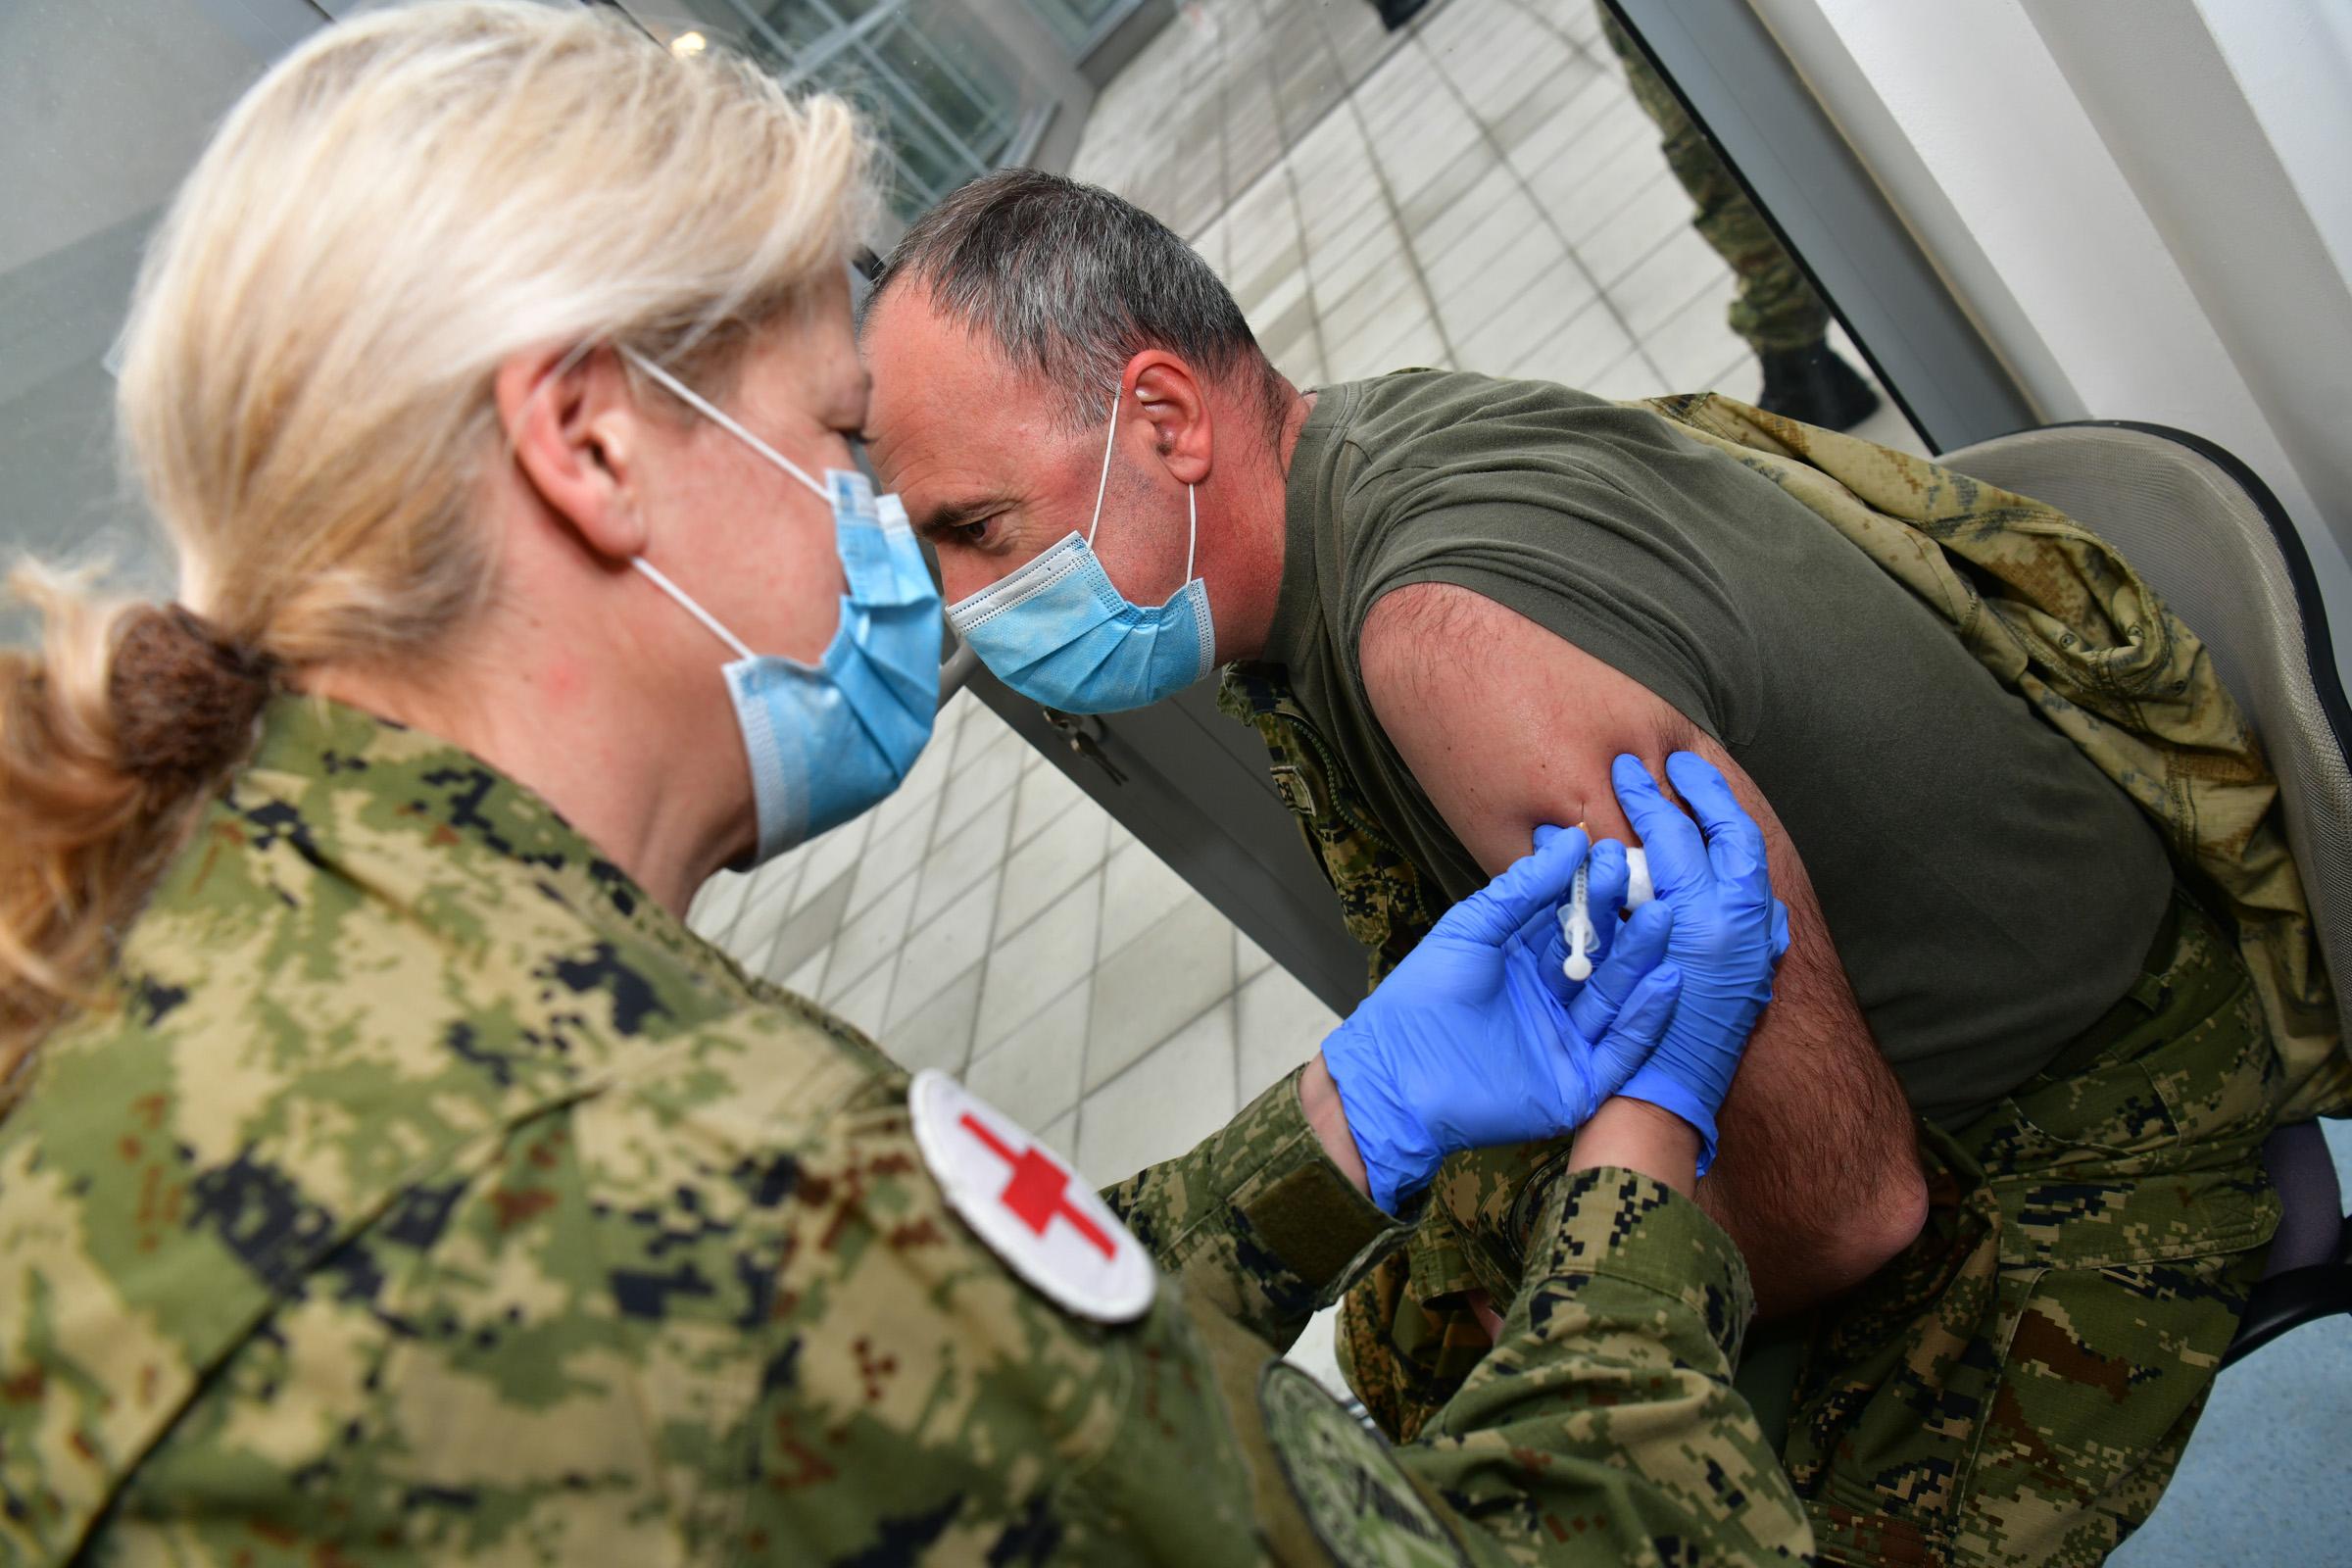 Provedeno cijepljenje pripadnika Hrvatske vojske u vojarni u Petrinji